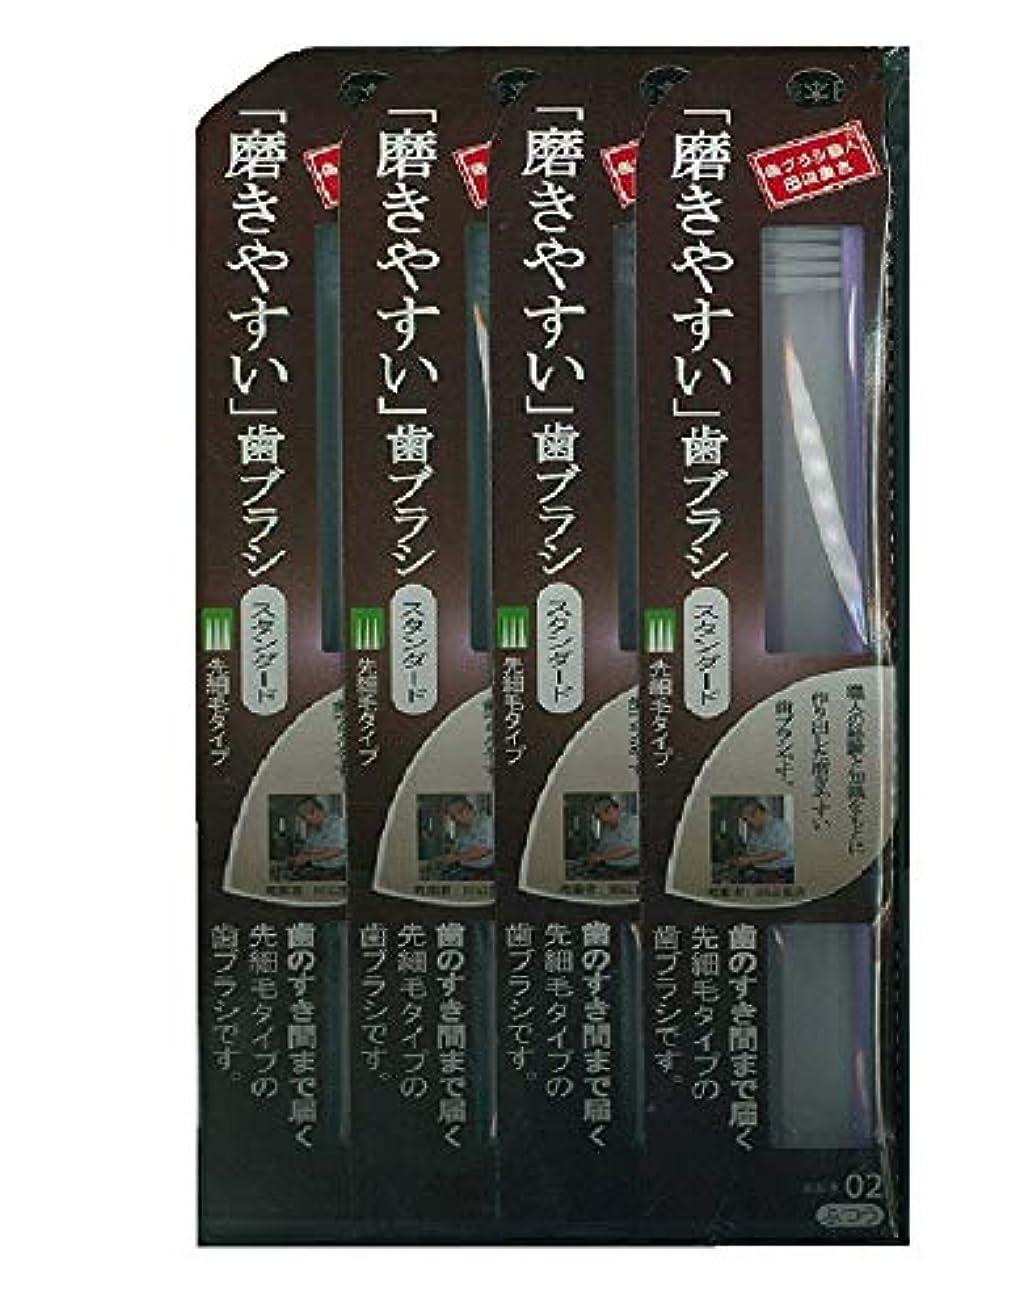 歯ブラシ職人 田辺重吉 磨きやすい歯ブラシ スタンダード 先細毛タイプ LT-02(1本×4個セット)